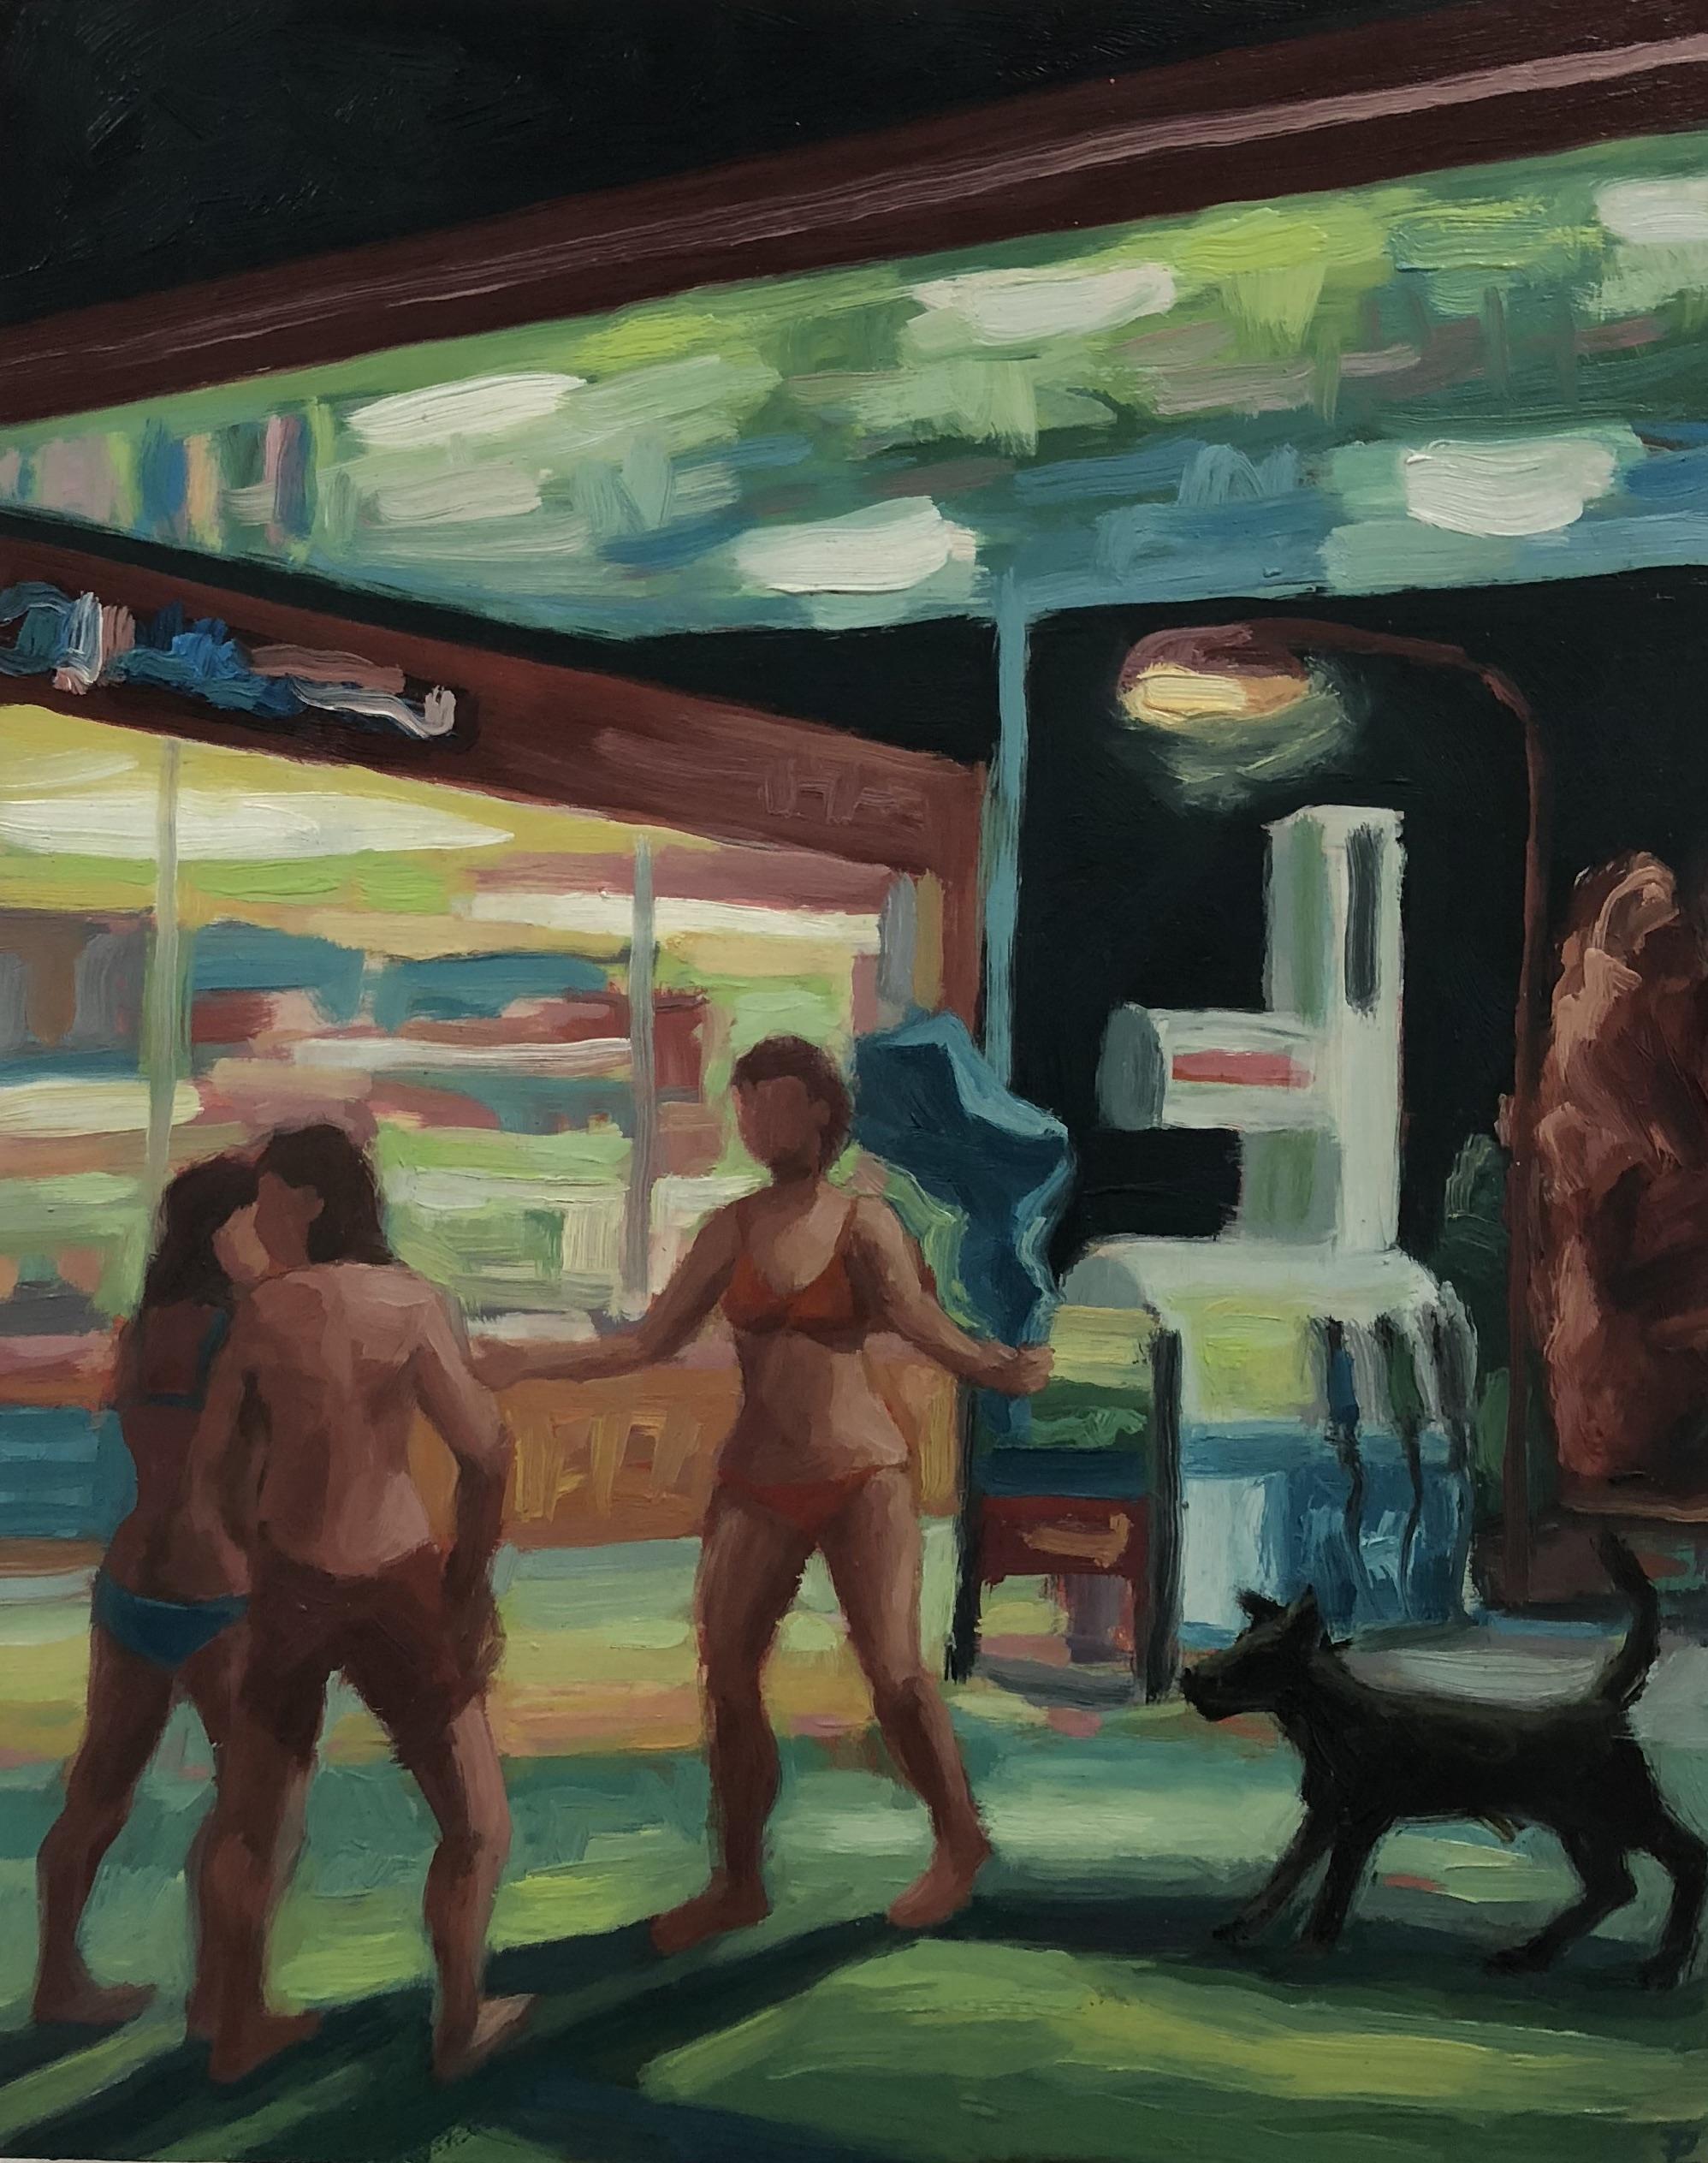 Peter Lankas   Summer night  2018  pigment, oil, chalk, eggwhite on board  50 x 40cm unframed  $750.00